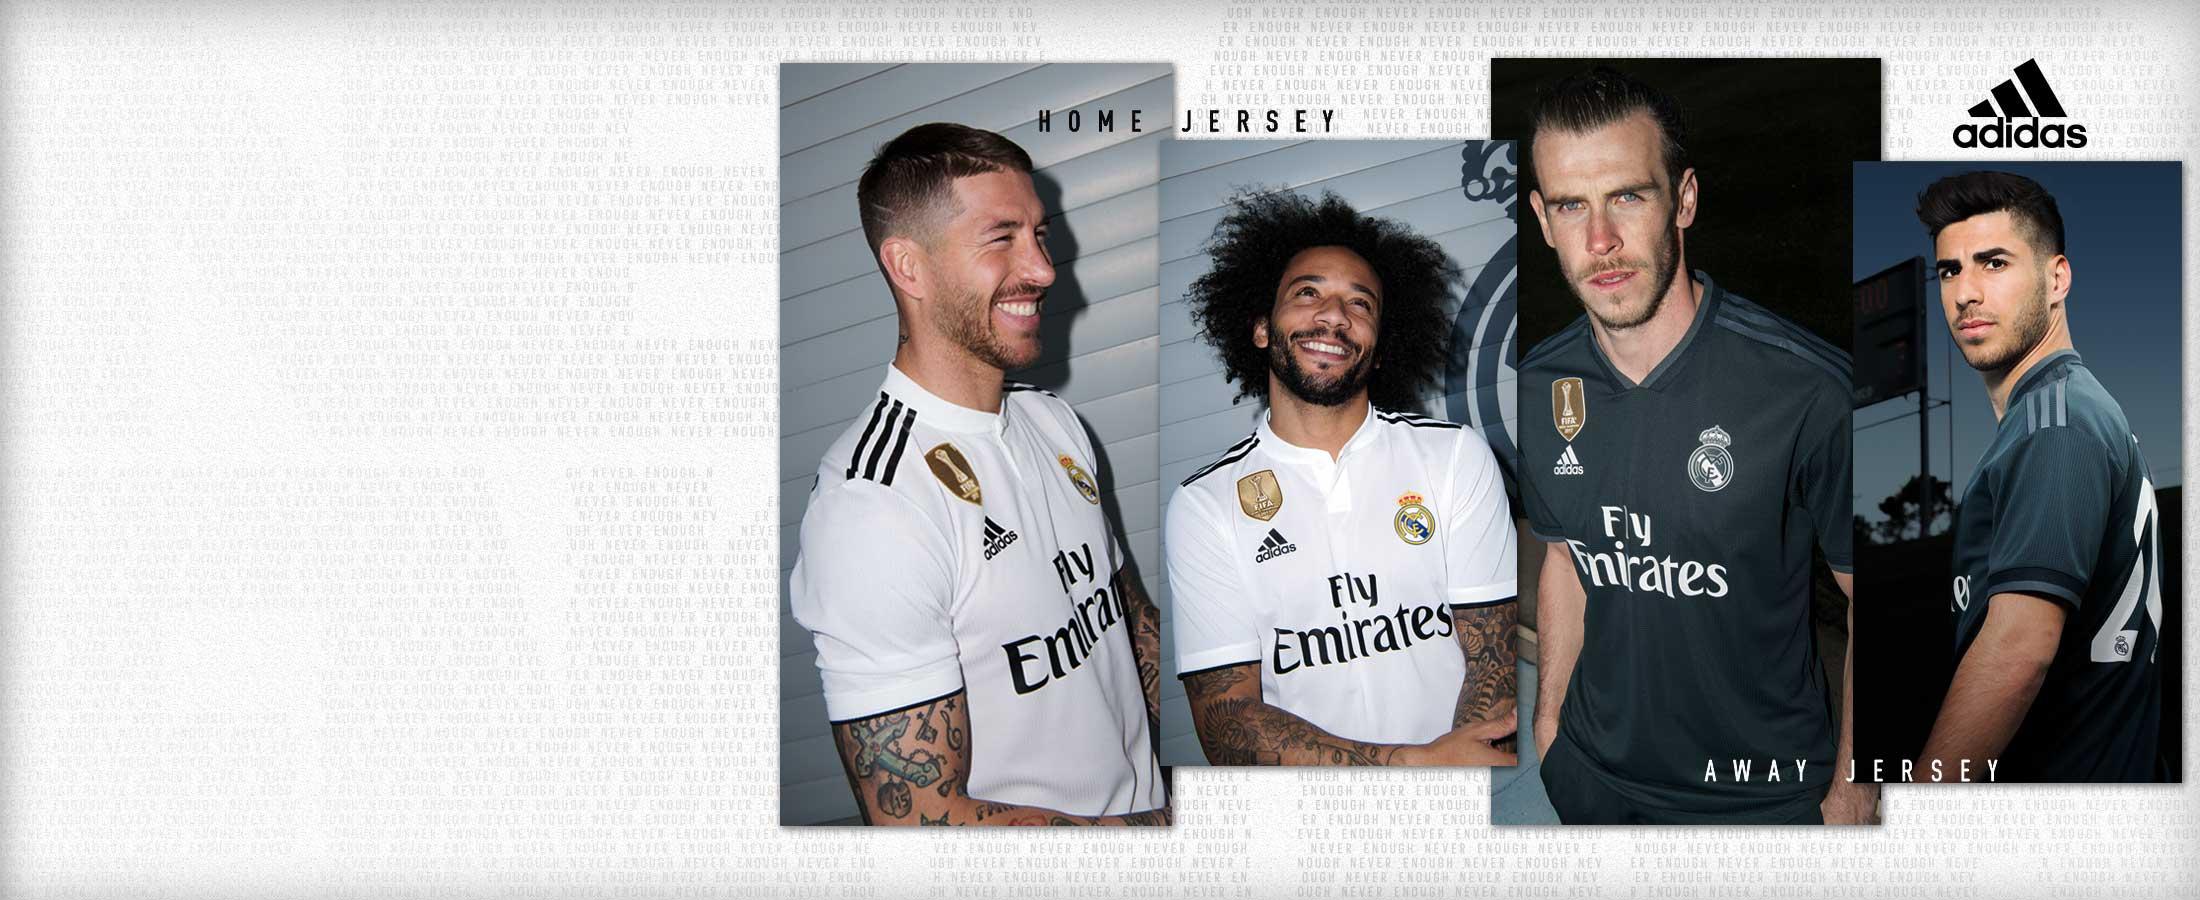 Nueva equipación oficial del Real Madrid 2018/19